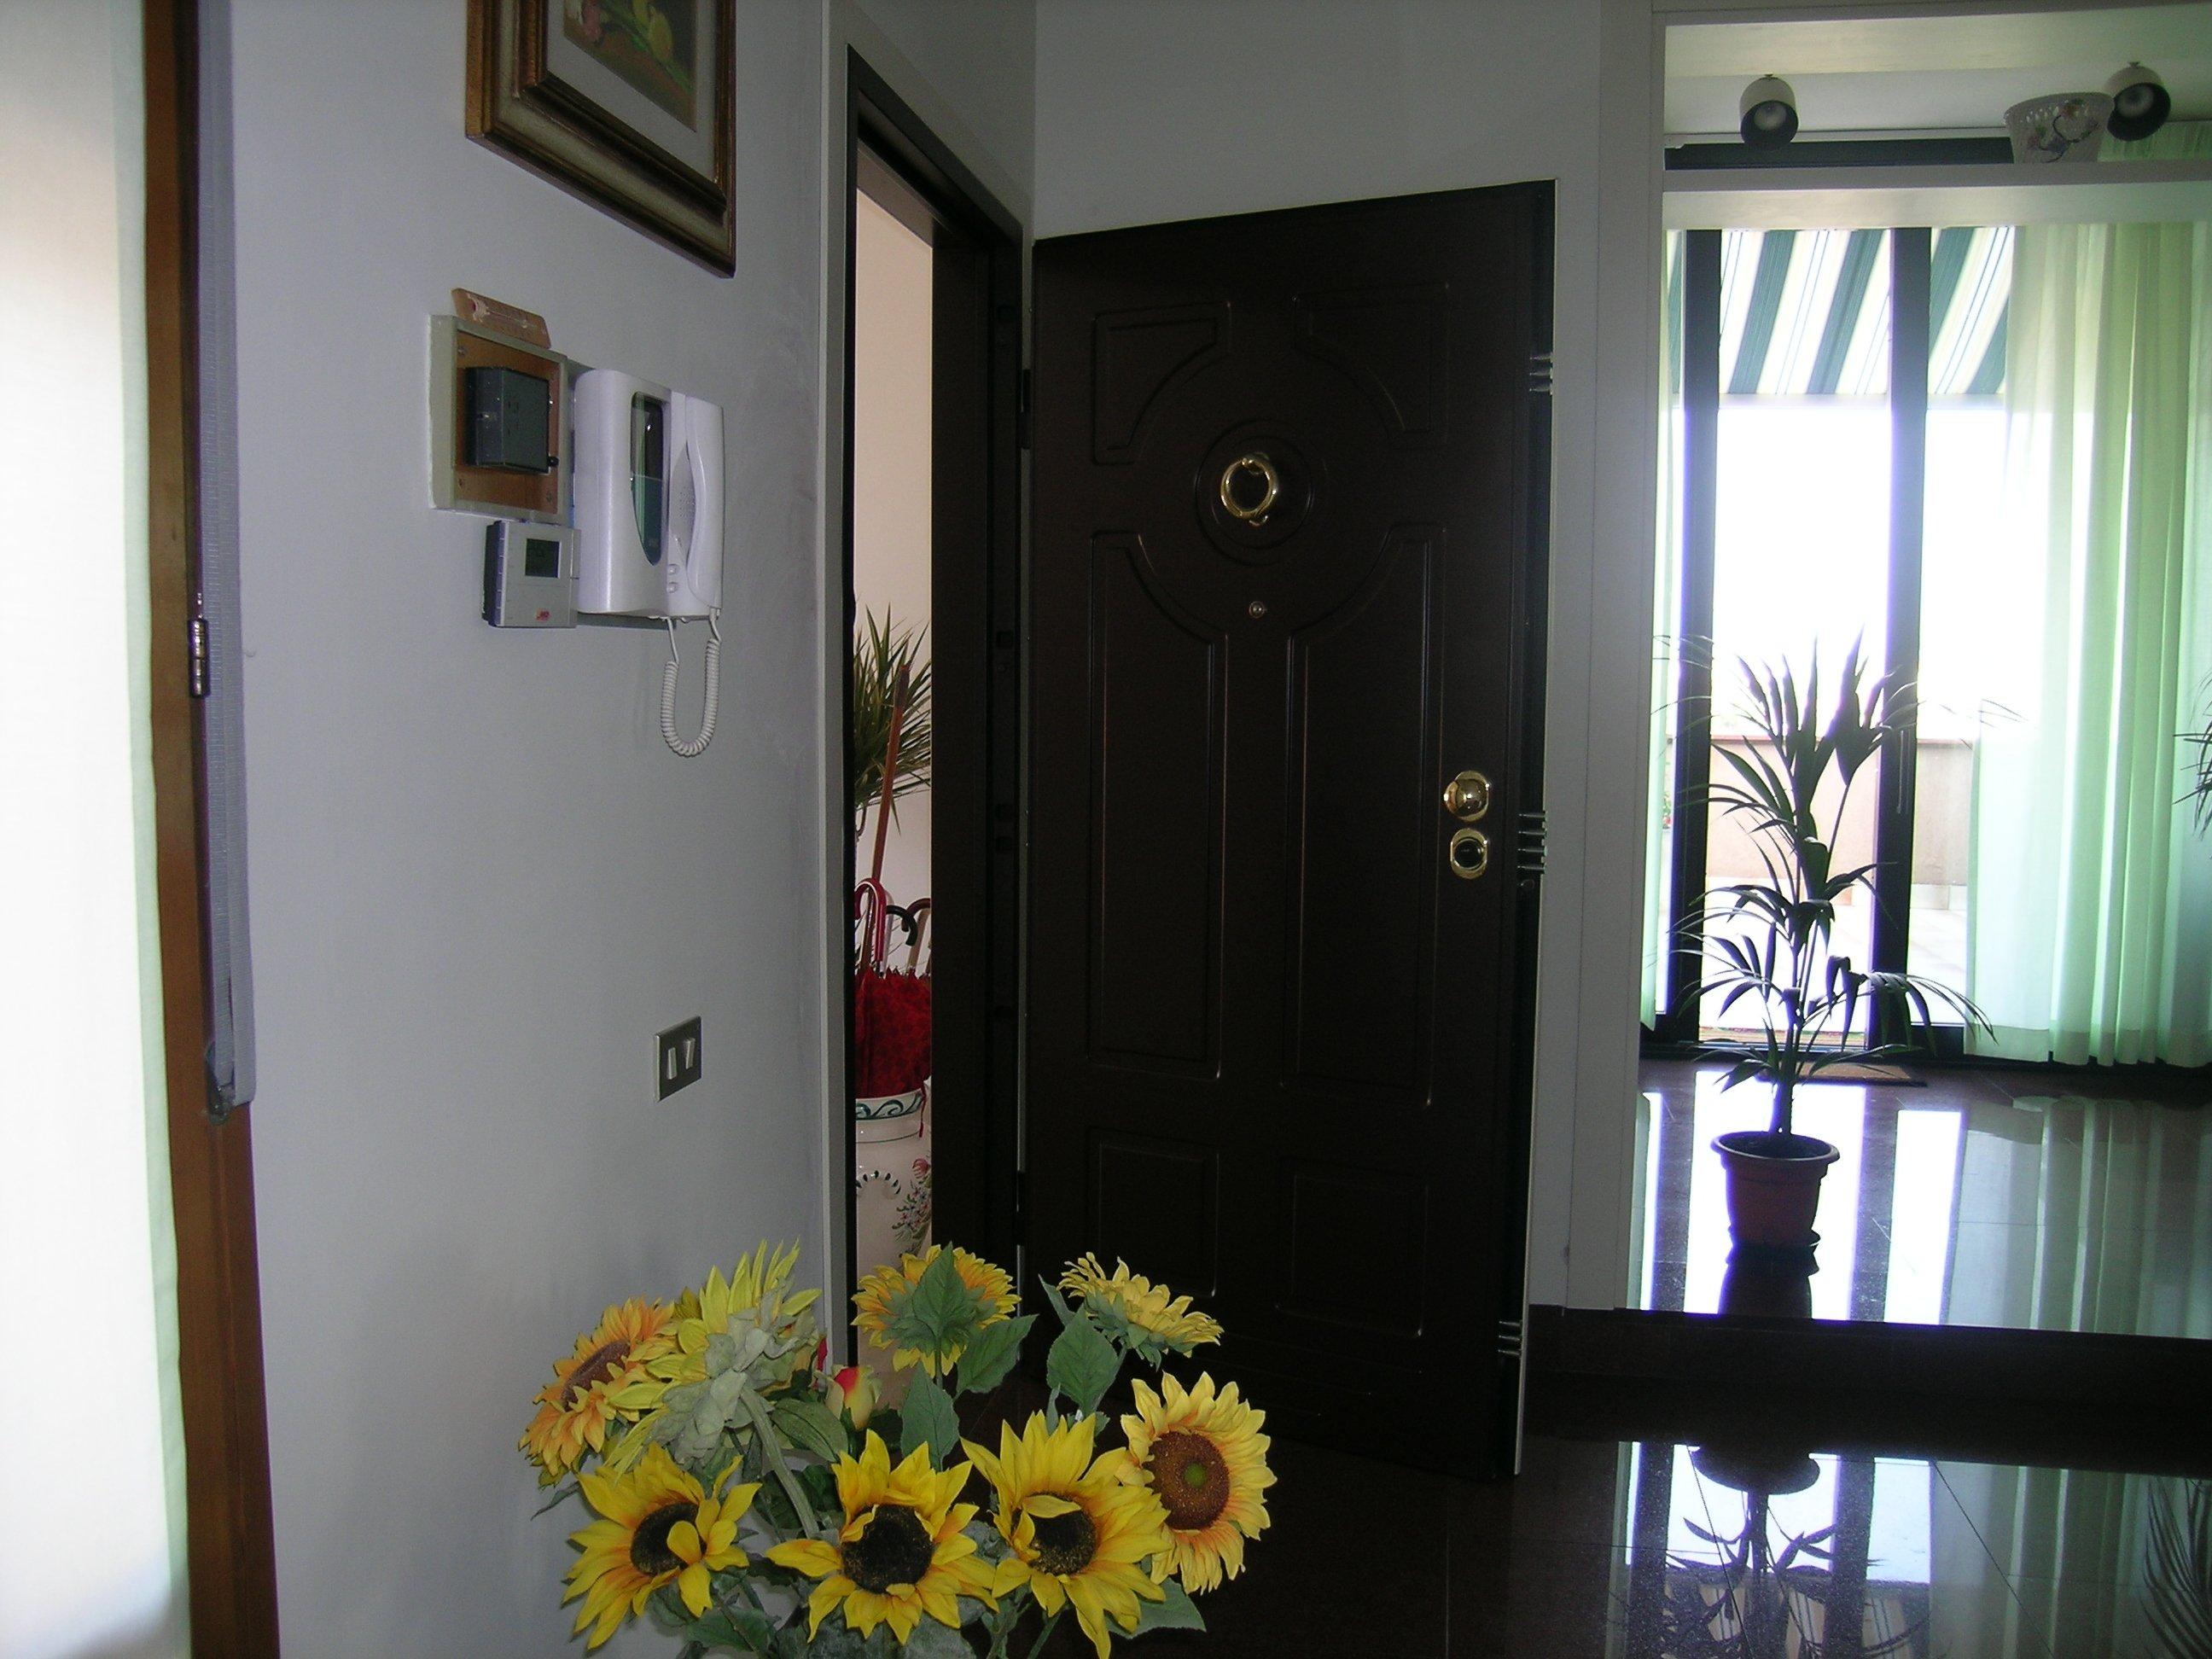 vista di una porta con attaccato telefono sulla parete